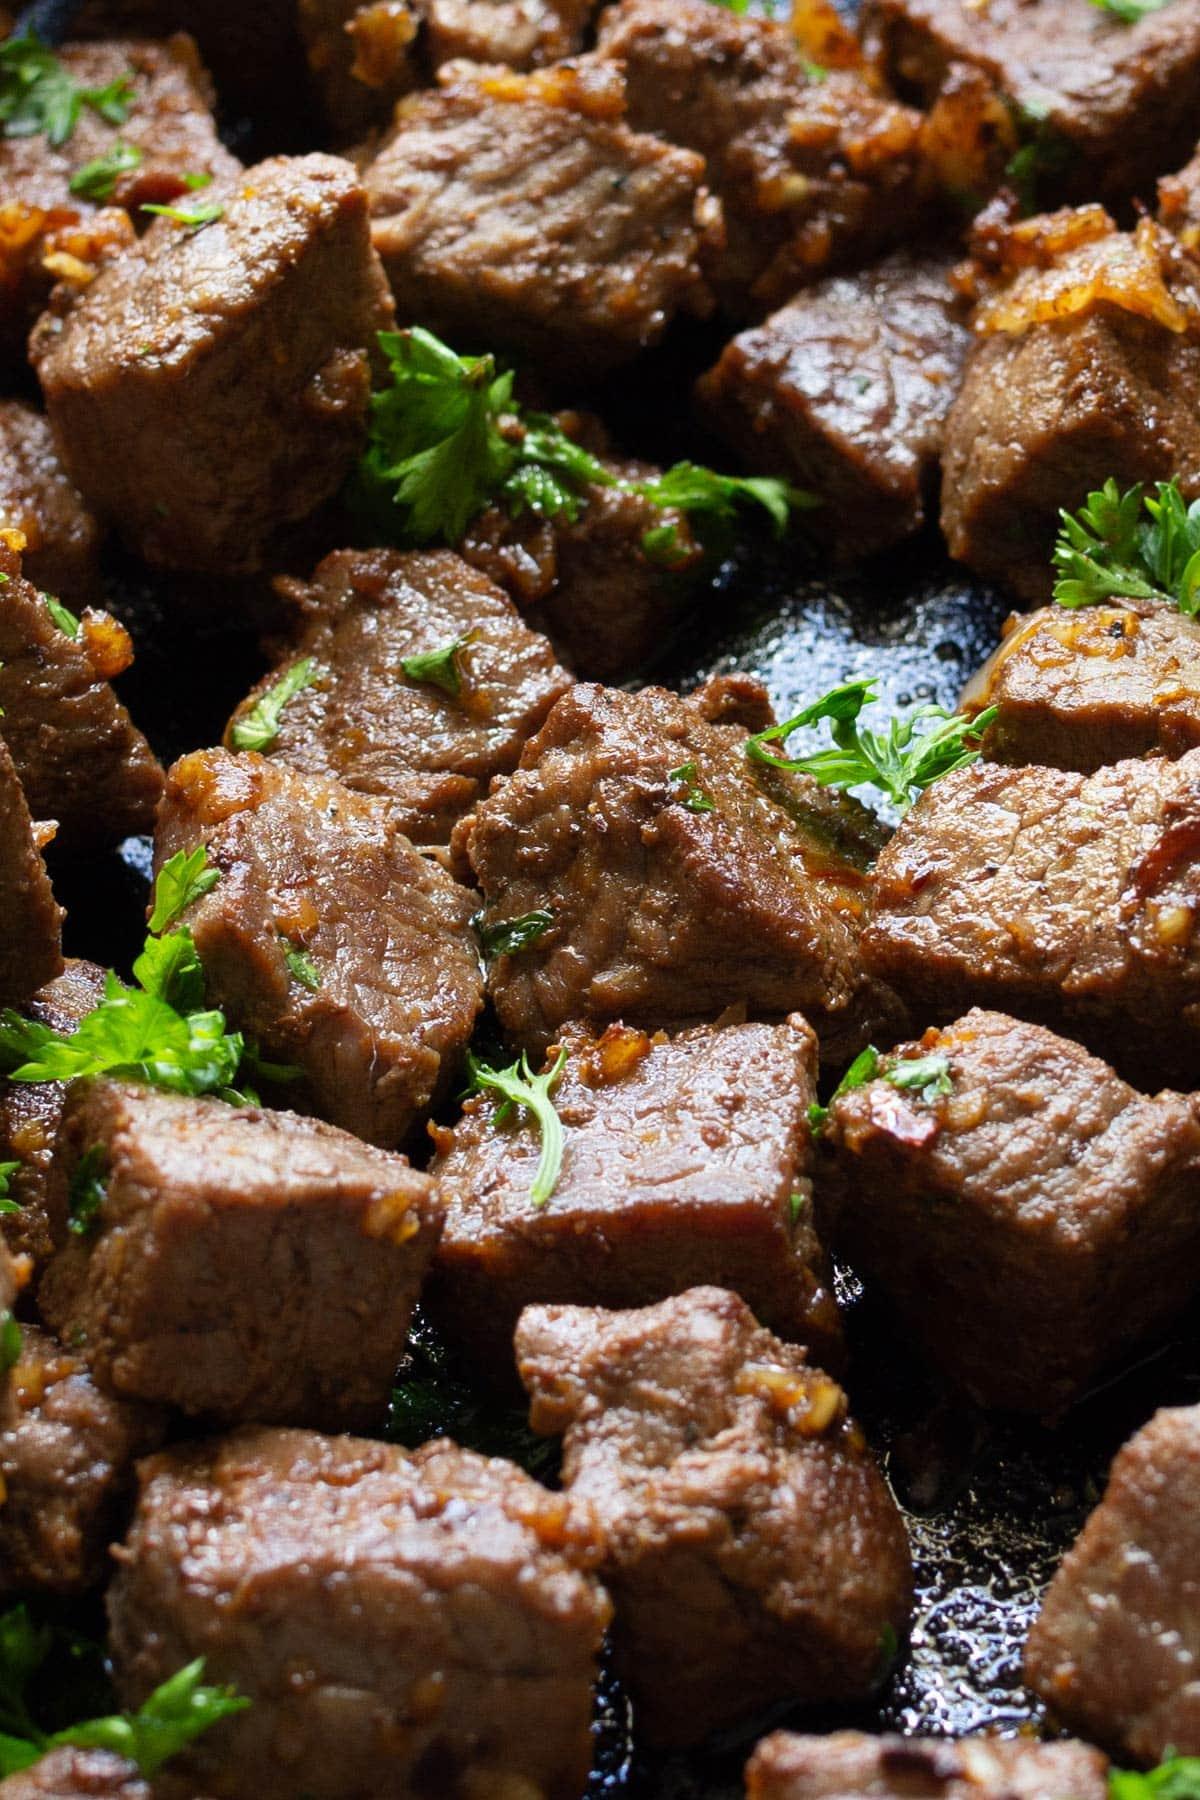 A close up of garlic butter steak bites.